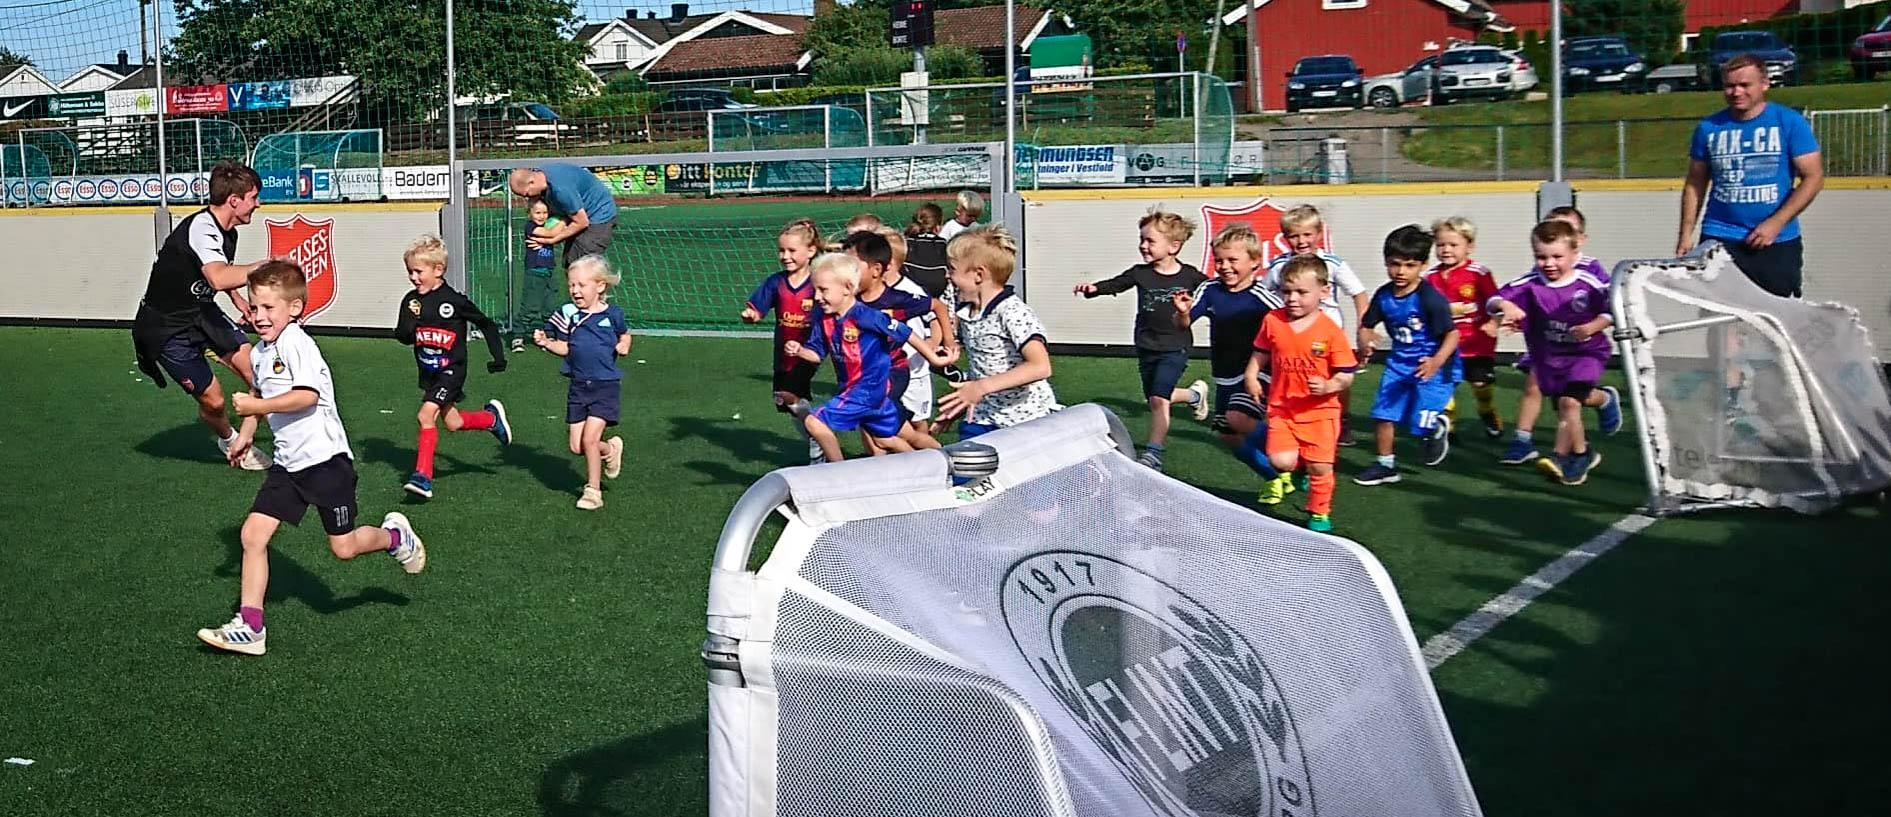 https://www.flintfotball.no/wp-content/uploads/2019/08/fotballglede-4-5-år.jpg